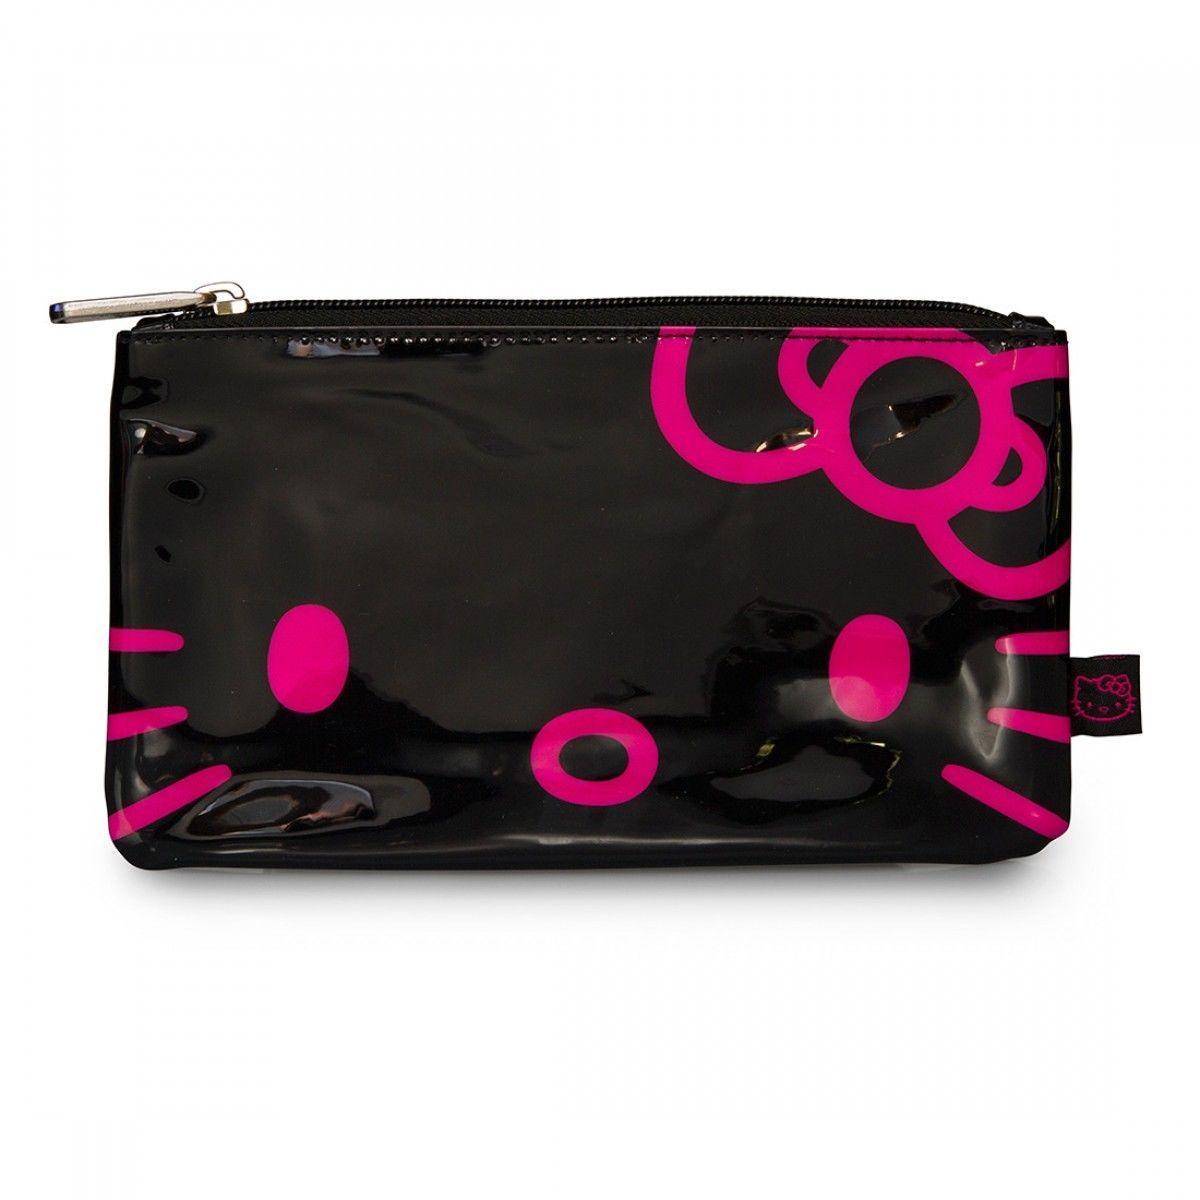 【真愛日本】15042800047 聯名LF防水萬用包-大臉桃結黑 三麗鷗 Hello Kitty 凱蒂貓 收納包 筆袋 正品 限量 預購